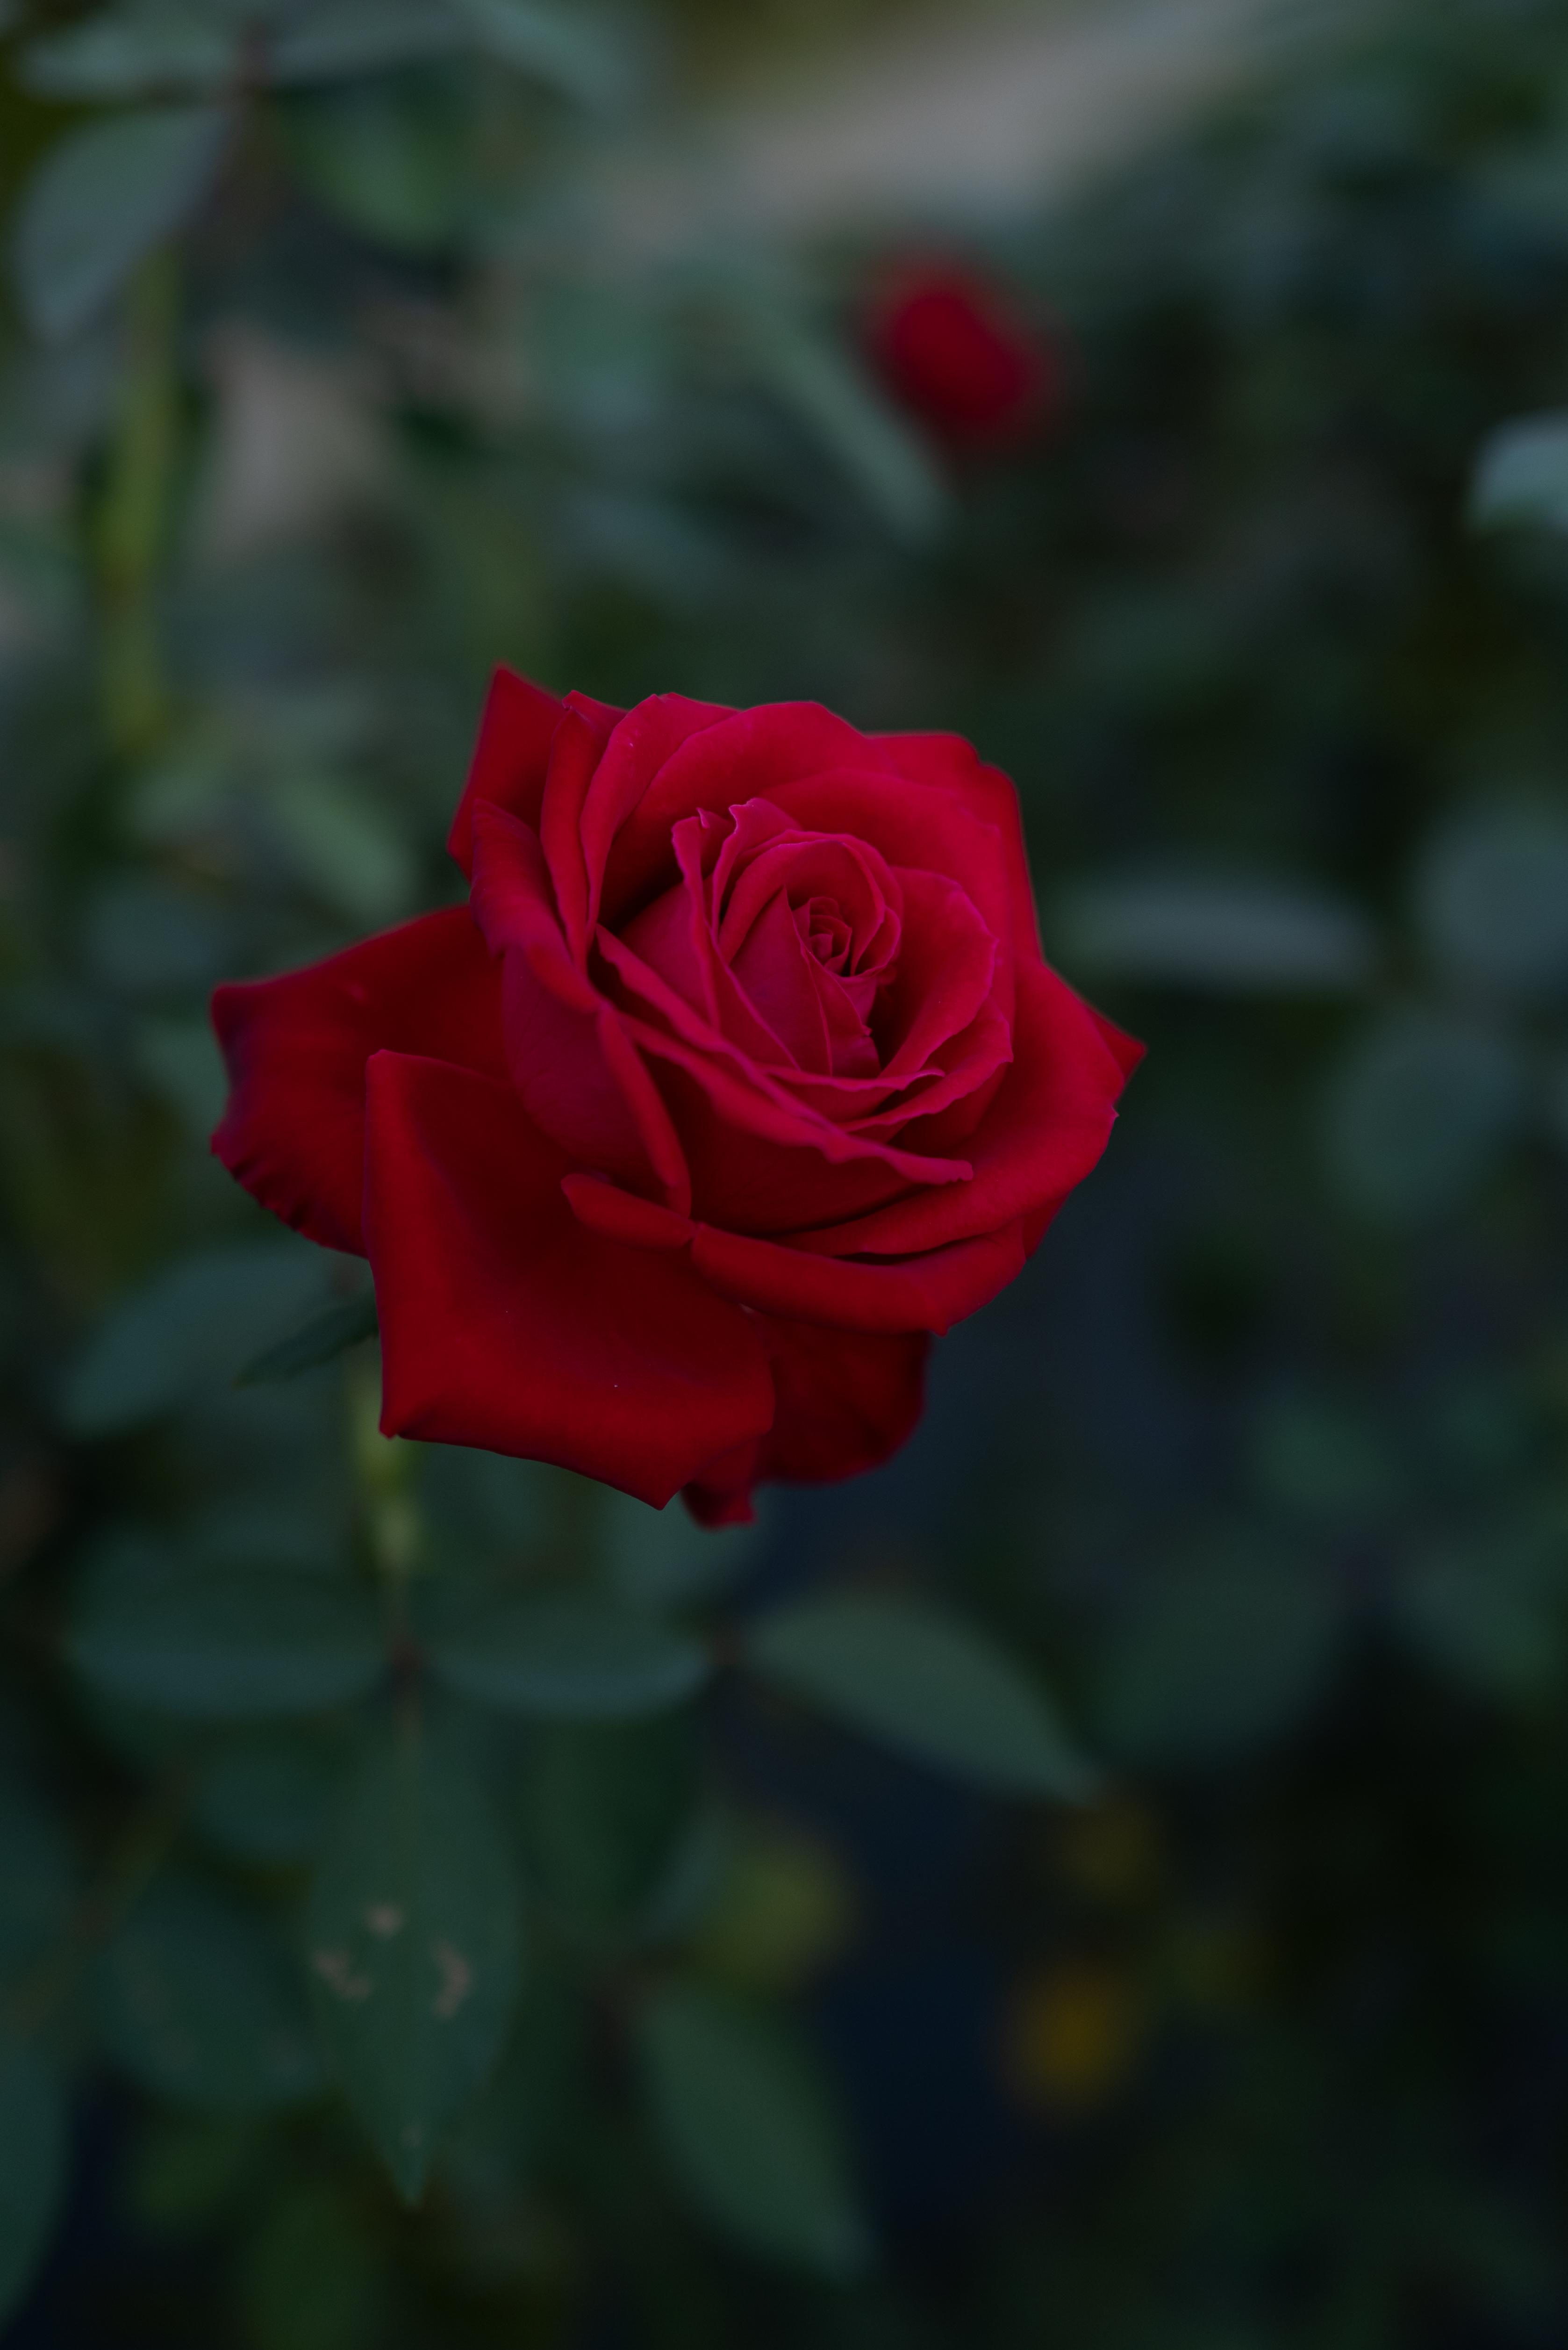 100198 Hintergrundbild 240x400 kostenlos auf deinem Handy, lade Bilder Blumen, Blume, Pflanze, Rose 240x400 auf dein Handy herunter